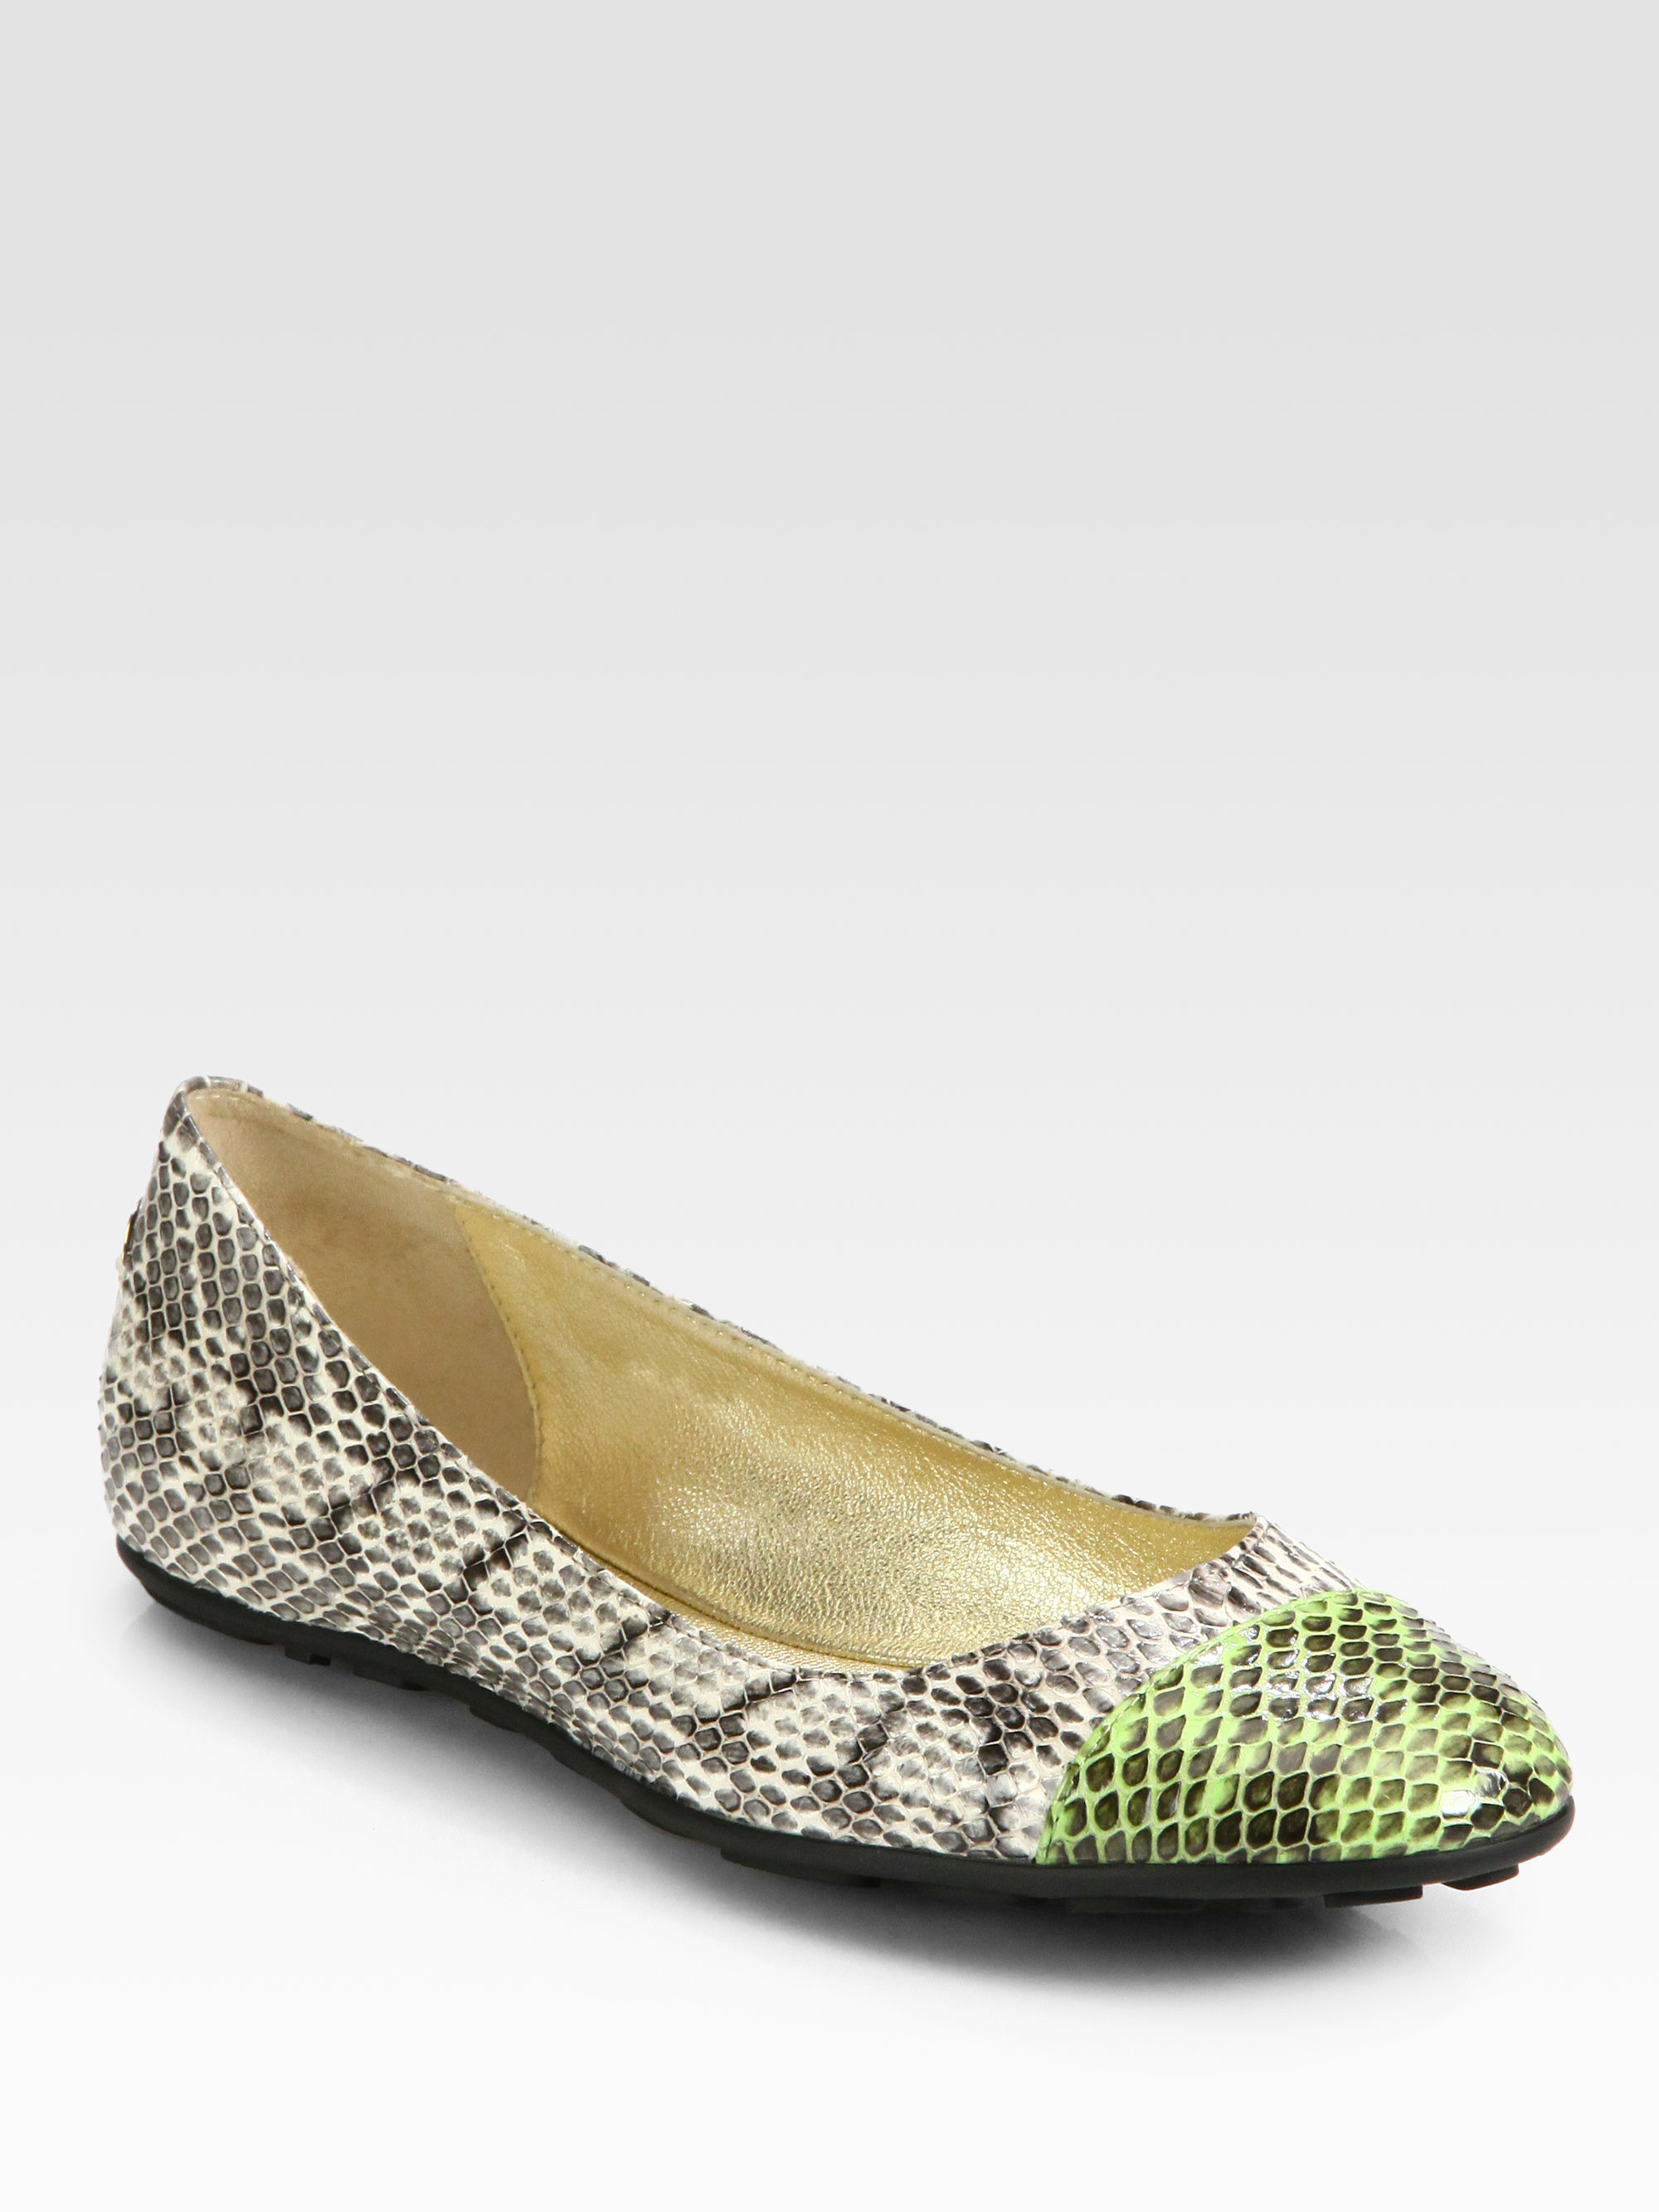 955b4924e9 Jimmy Choo Whirl Snakeskin Captoe Ballet Flats - Lyst